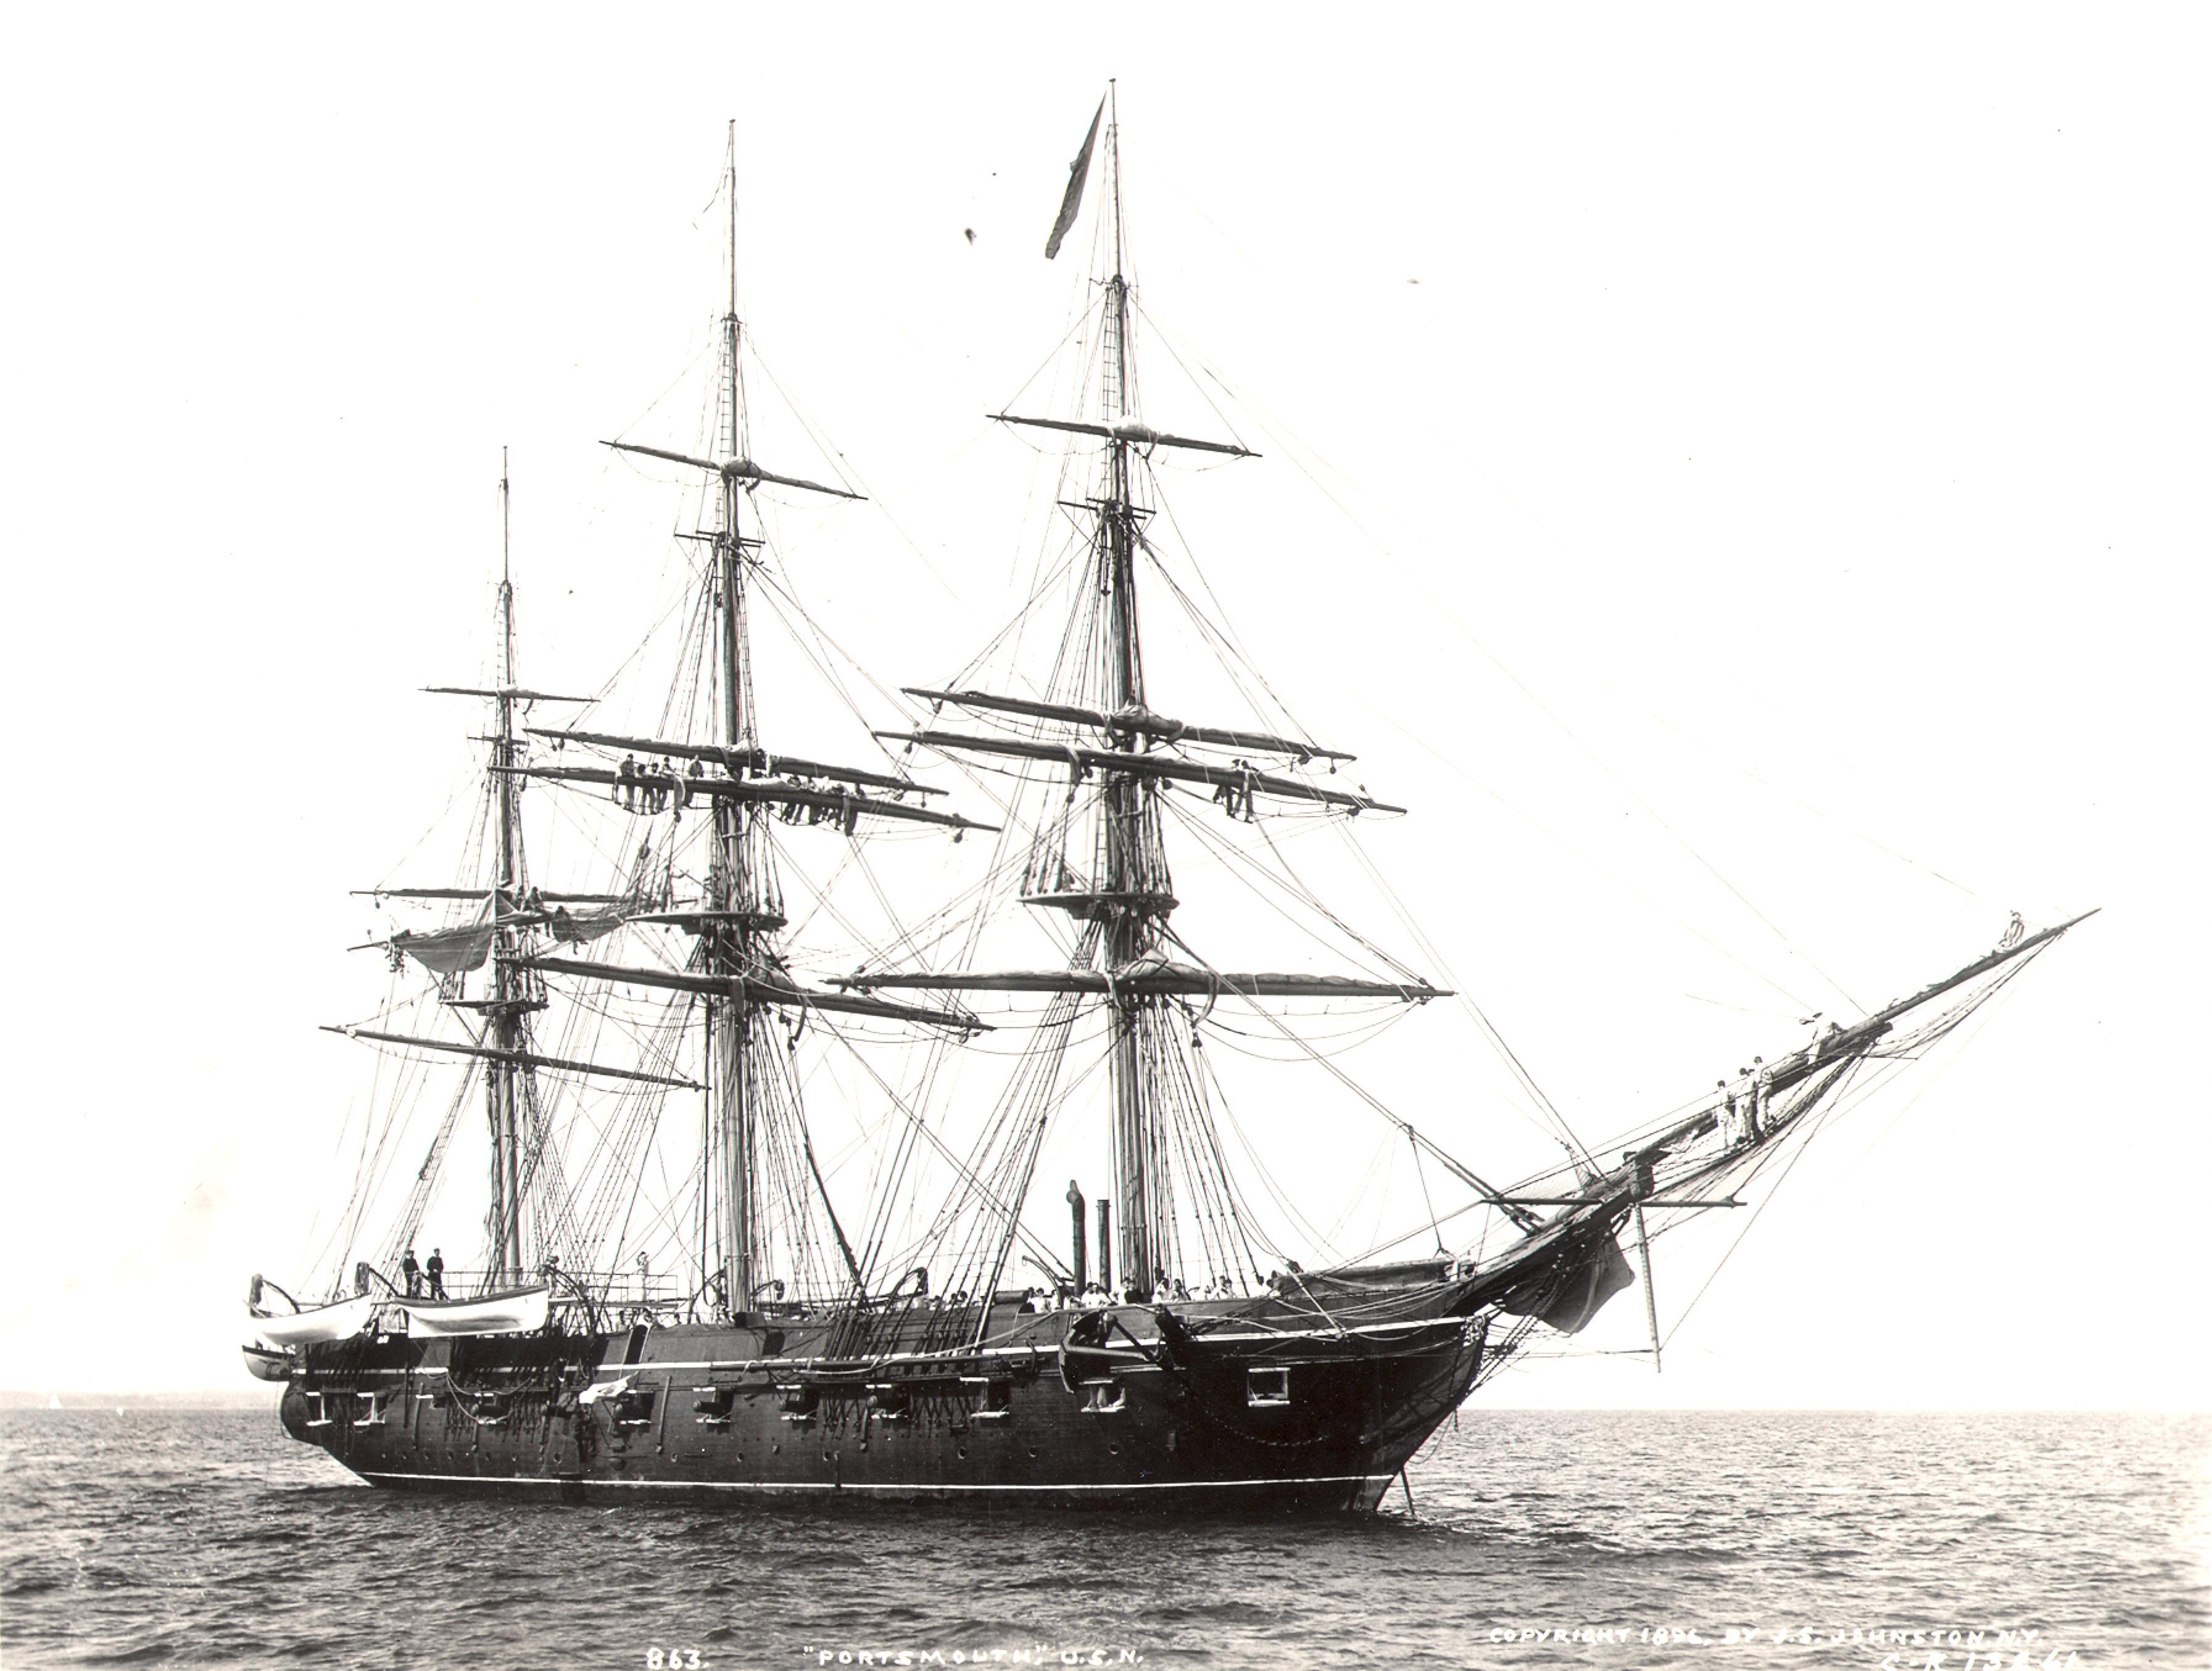 British Navy Revolutionary War